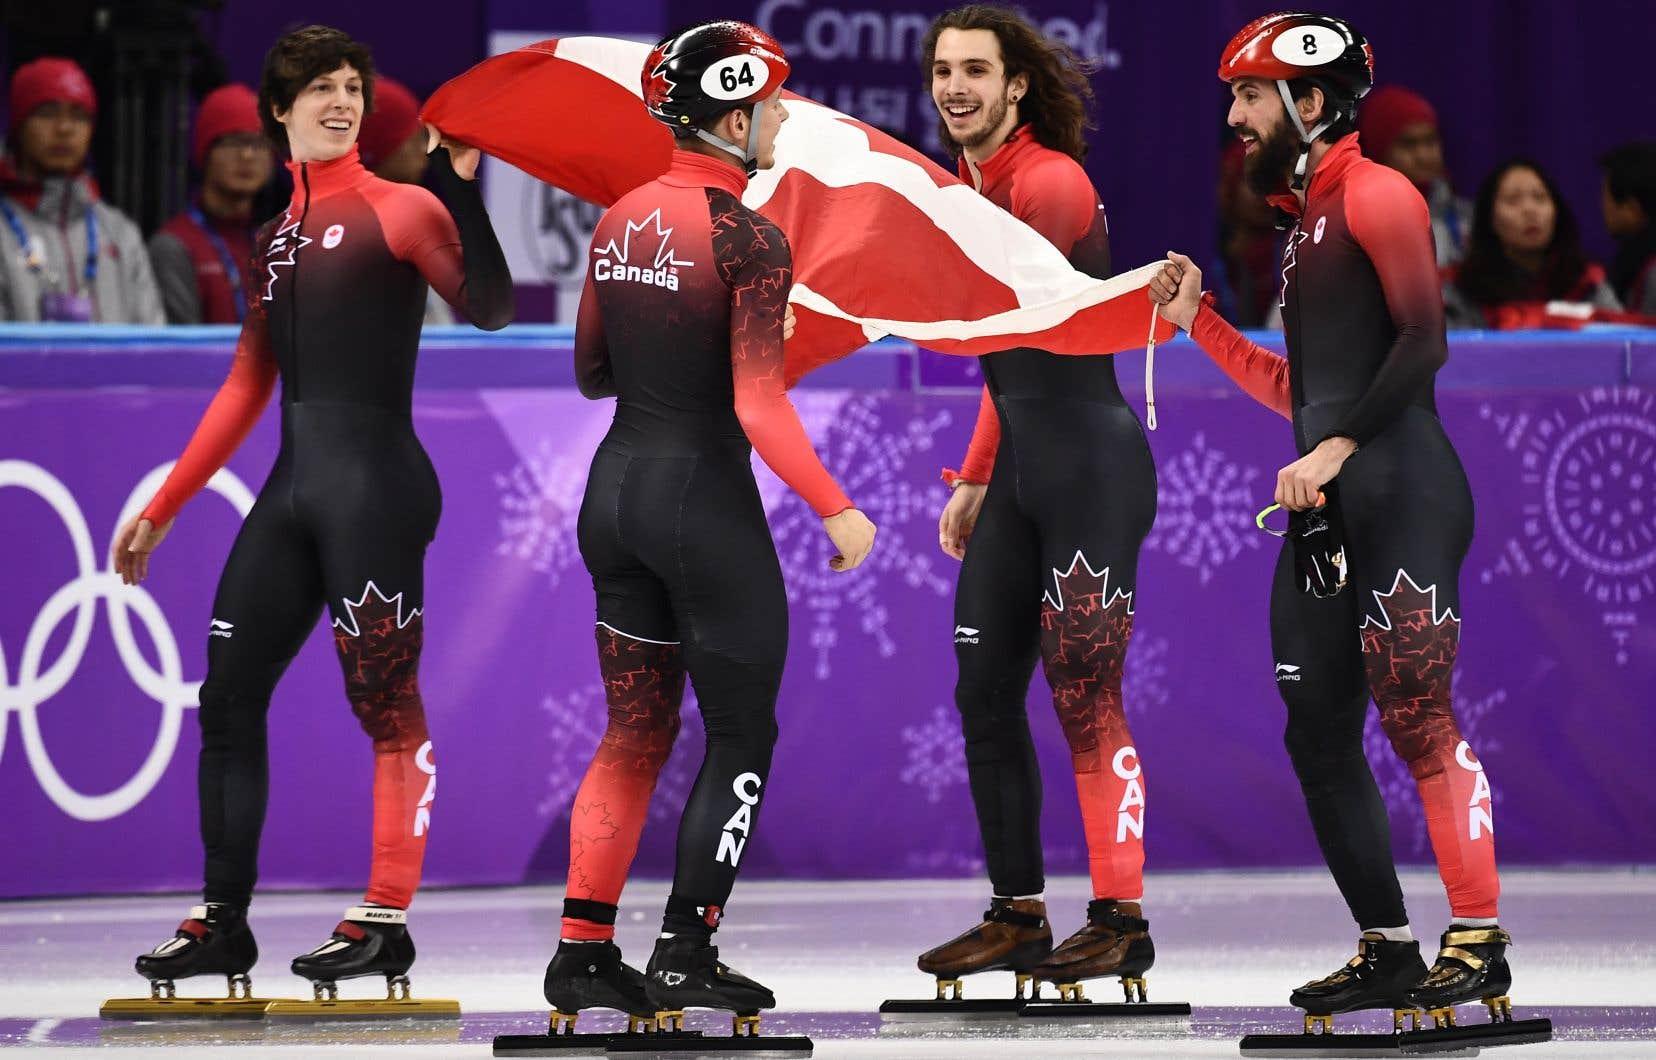 Patinage de vitesse: le Canada décroche le bronze au relais masculin